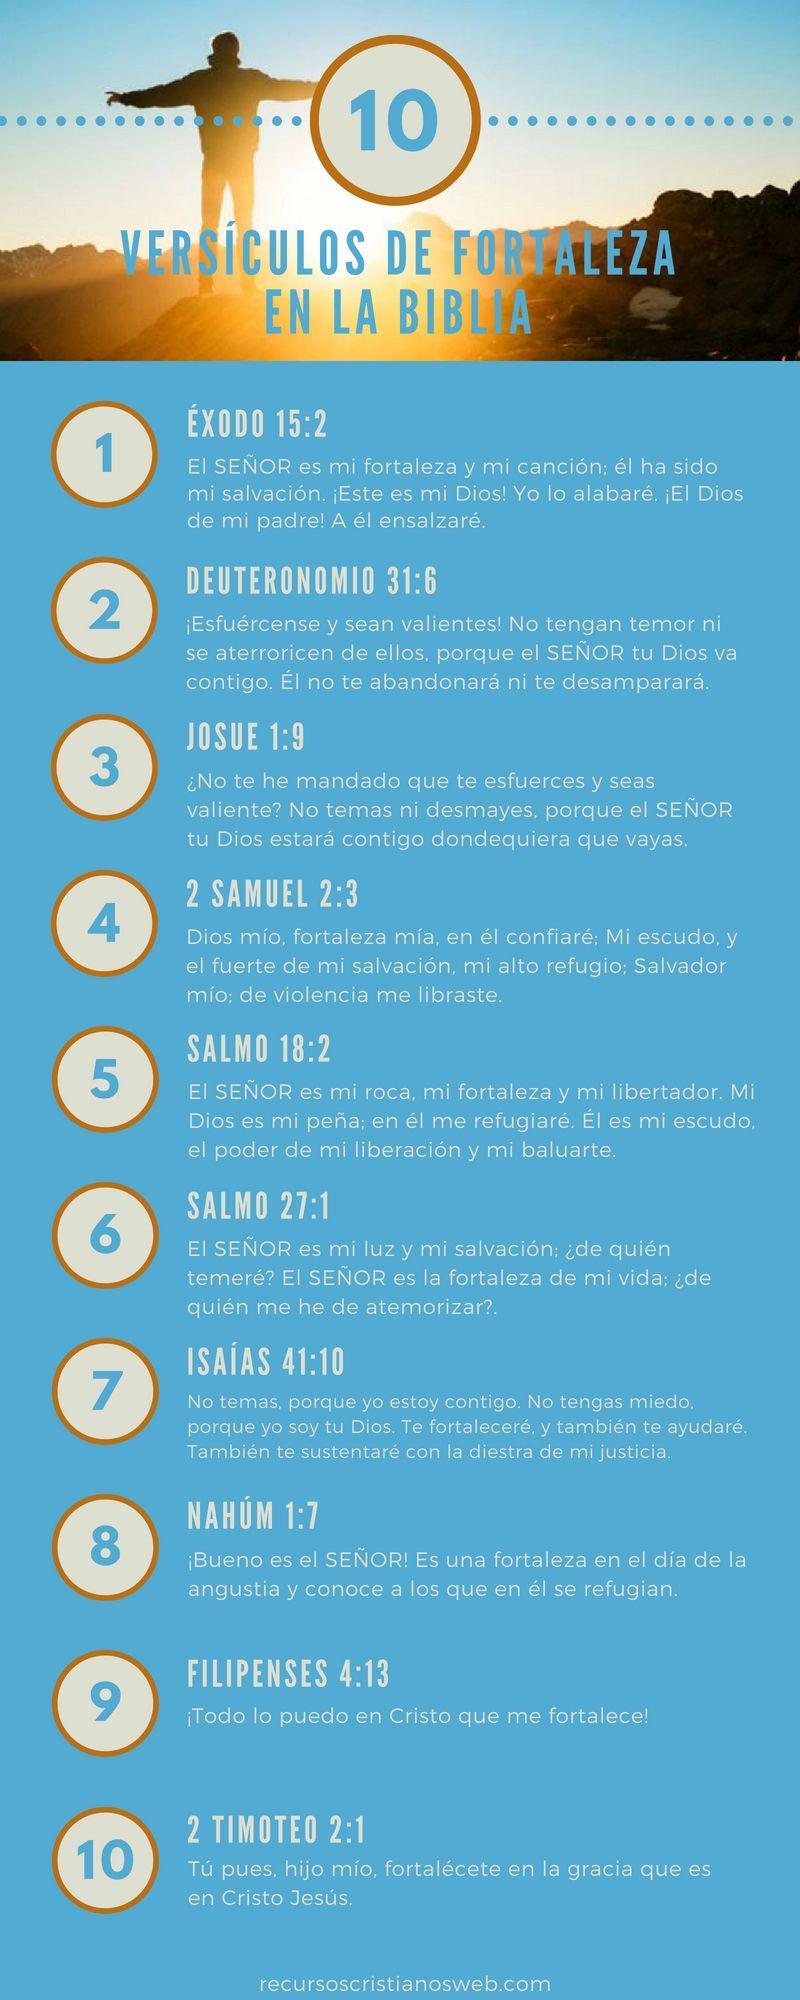 Versiculos De La Biblia De Animo: 10 Versículos De Fortaleza En La Biblia